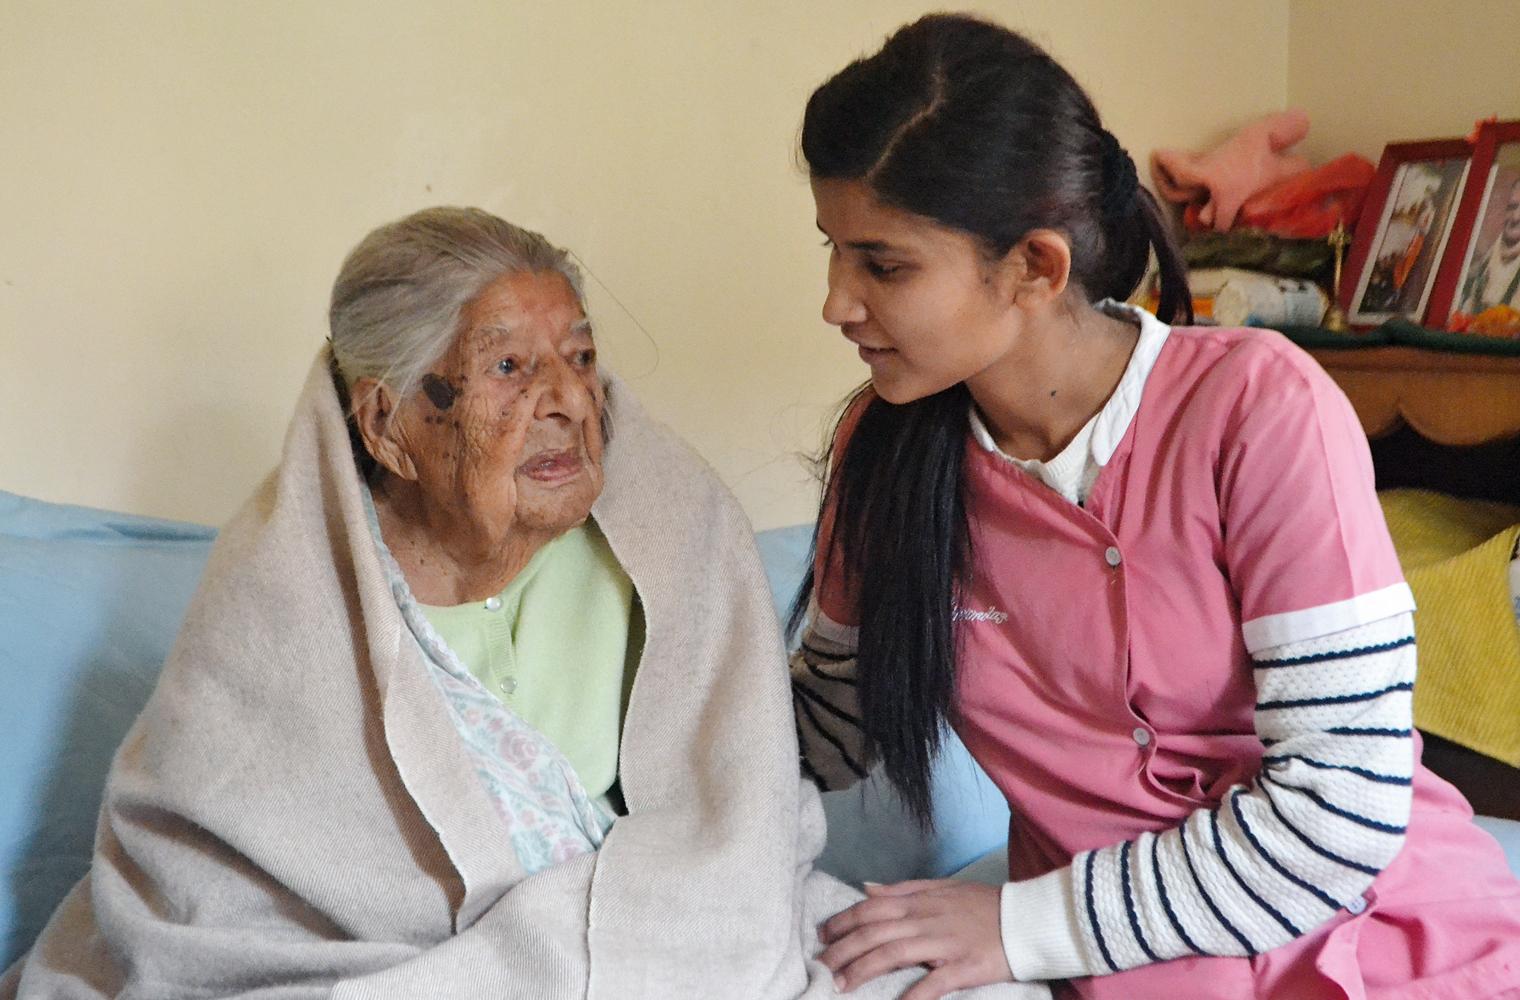 Lea Frei: Eine junge nepalesische Pflegerin sitzt neben einer älteren Frau, die in eine Decke eingehüllt ist, auf einer Couch und unterhält sich mi...